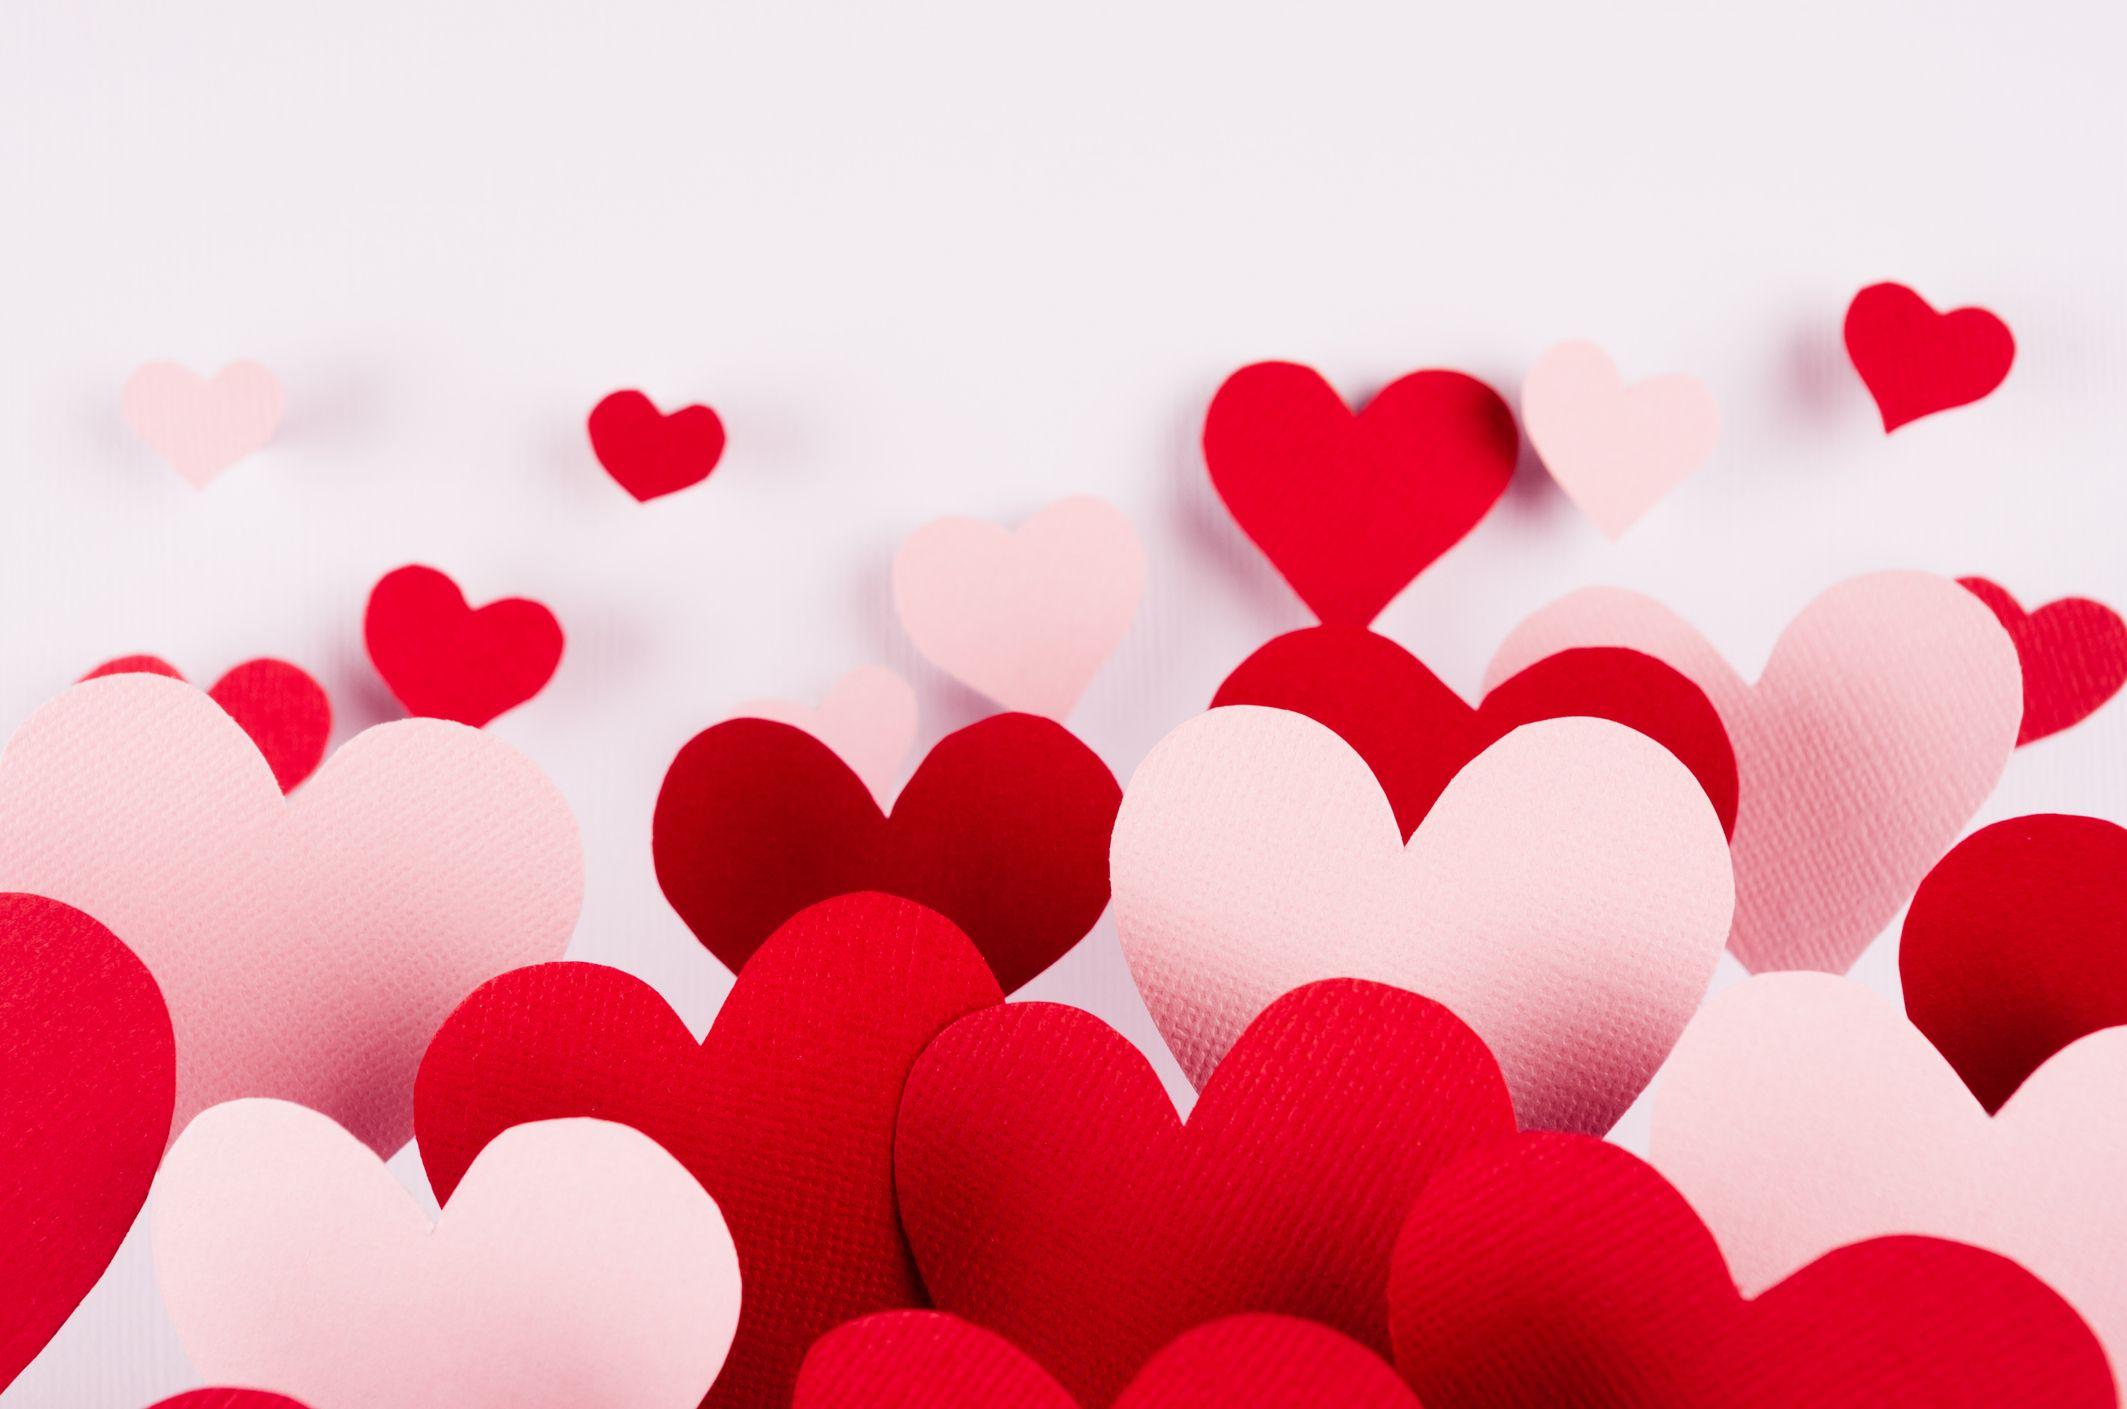 Parlons D Amour En 2020 Parlons D Amour La Negation Futur Immediat